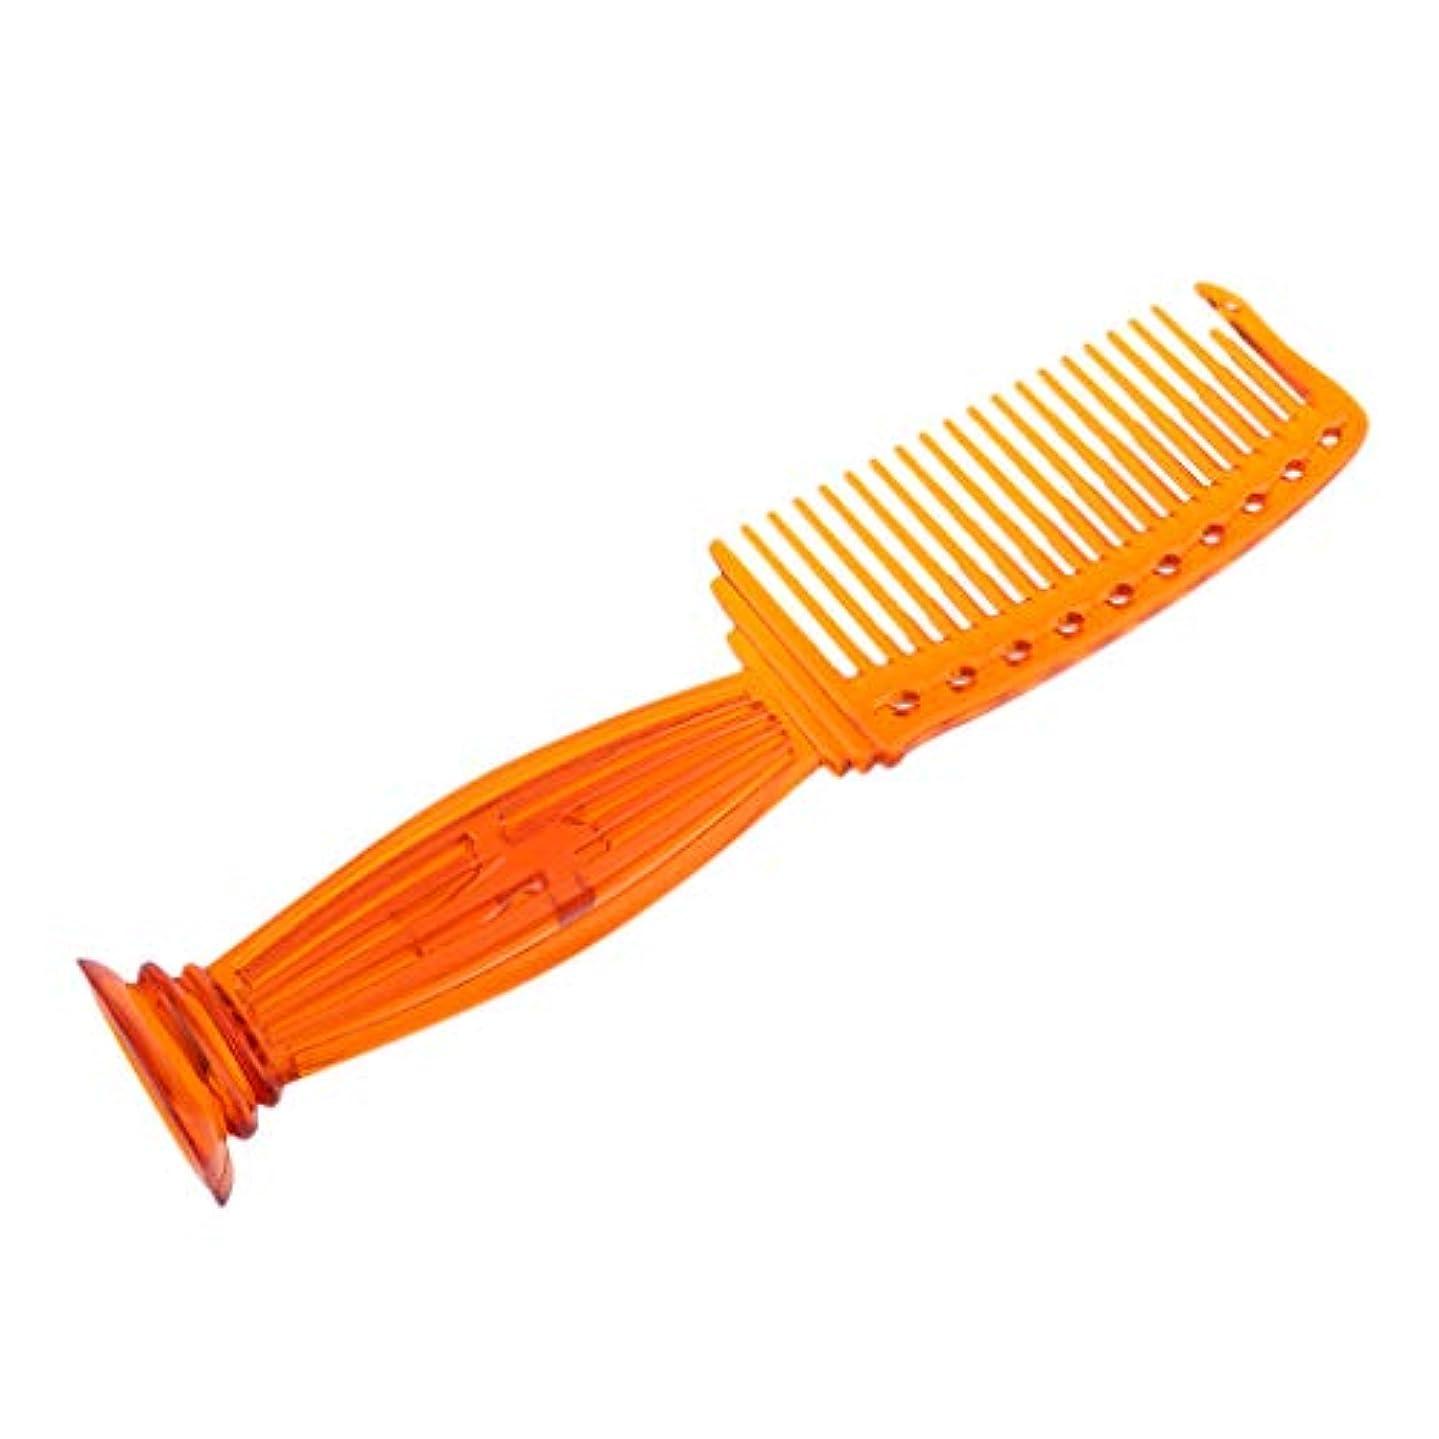 彼スケジュール消えるCUTICATE ヘアコーム ヘアブラシ プラスチック櫛 ワイド歯 プロ ヘアサロン 理髪師 全5色選べ - オレンジ